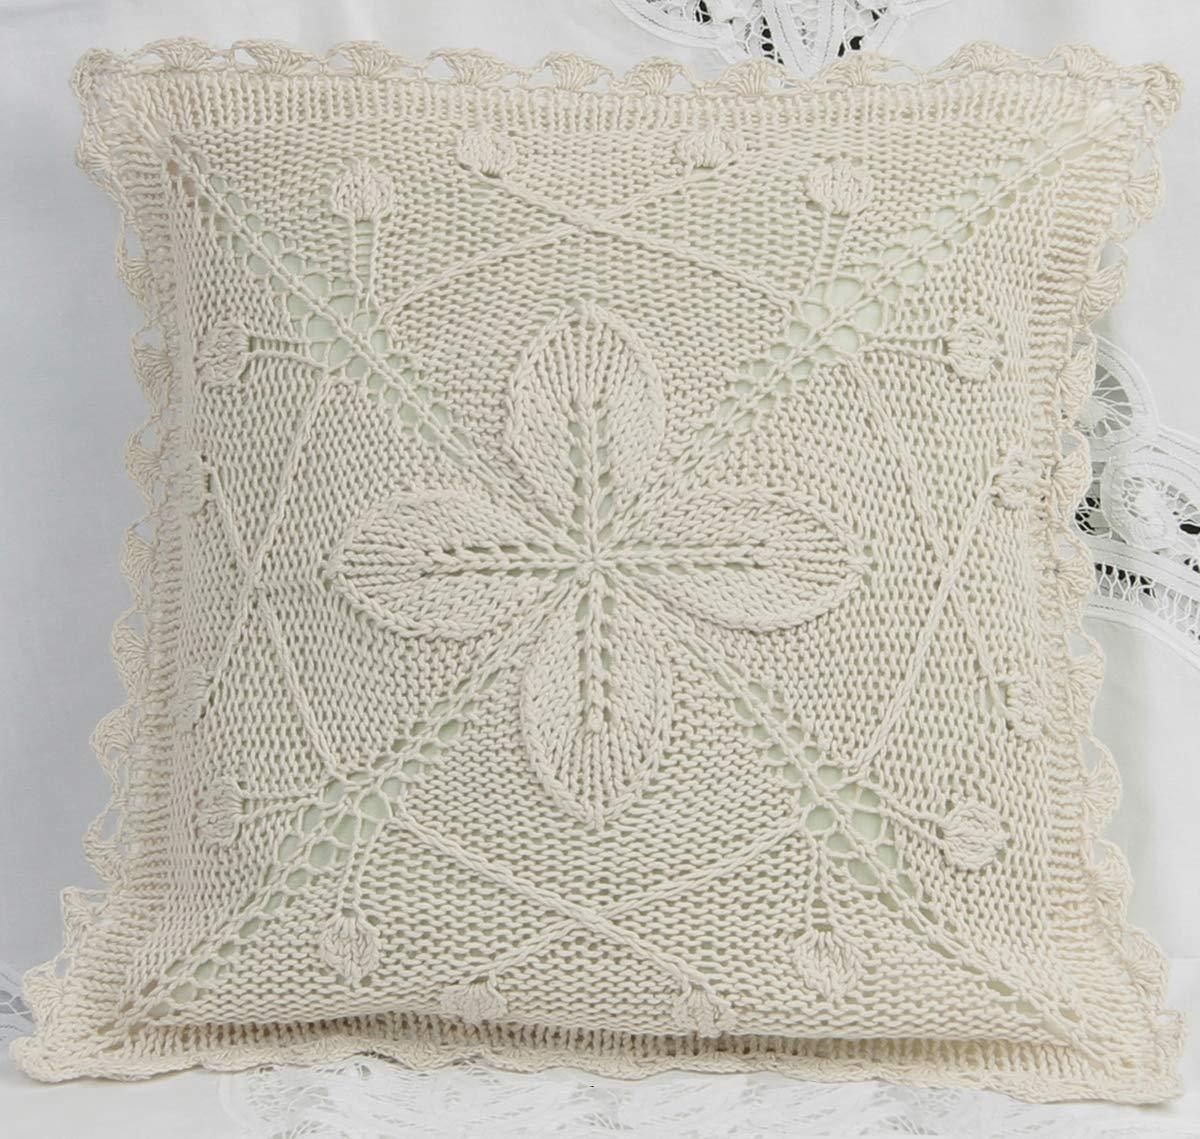 Amazon.com: Creative ropa de cama Algodón Crochet Pillow ...